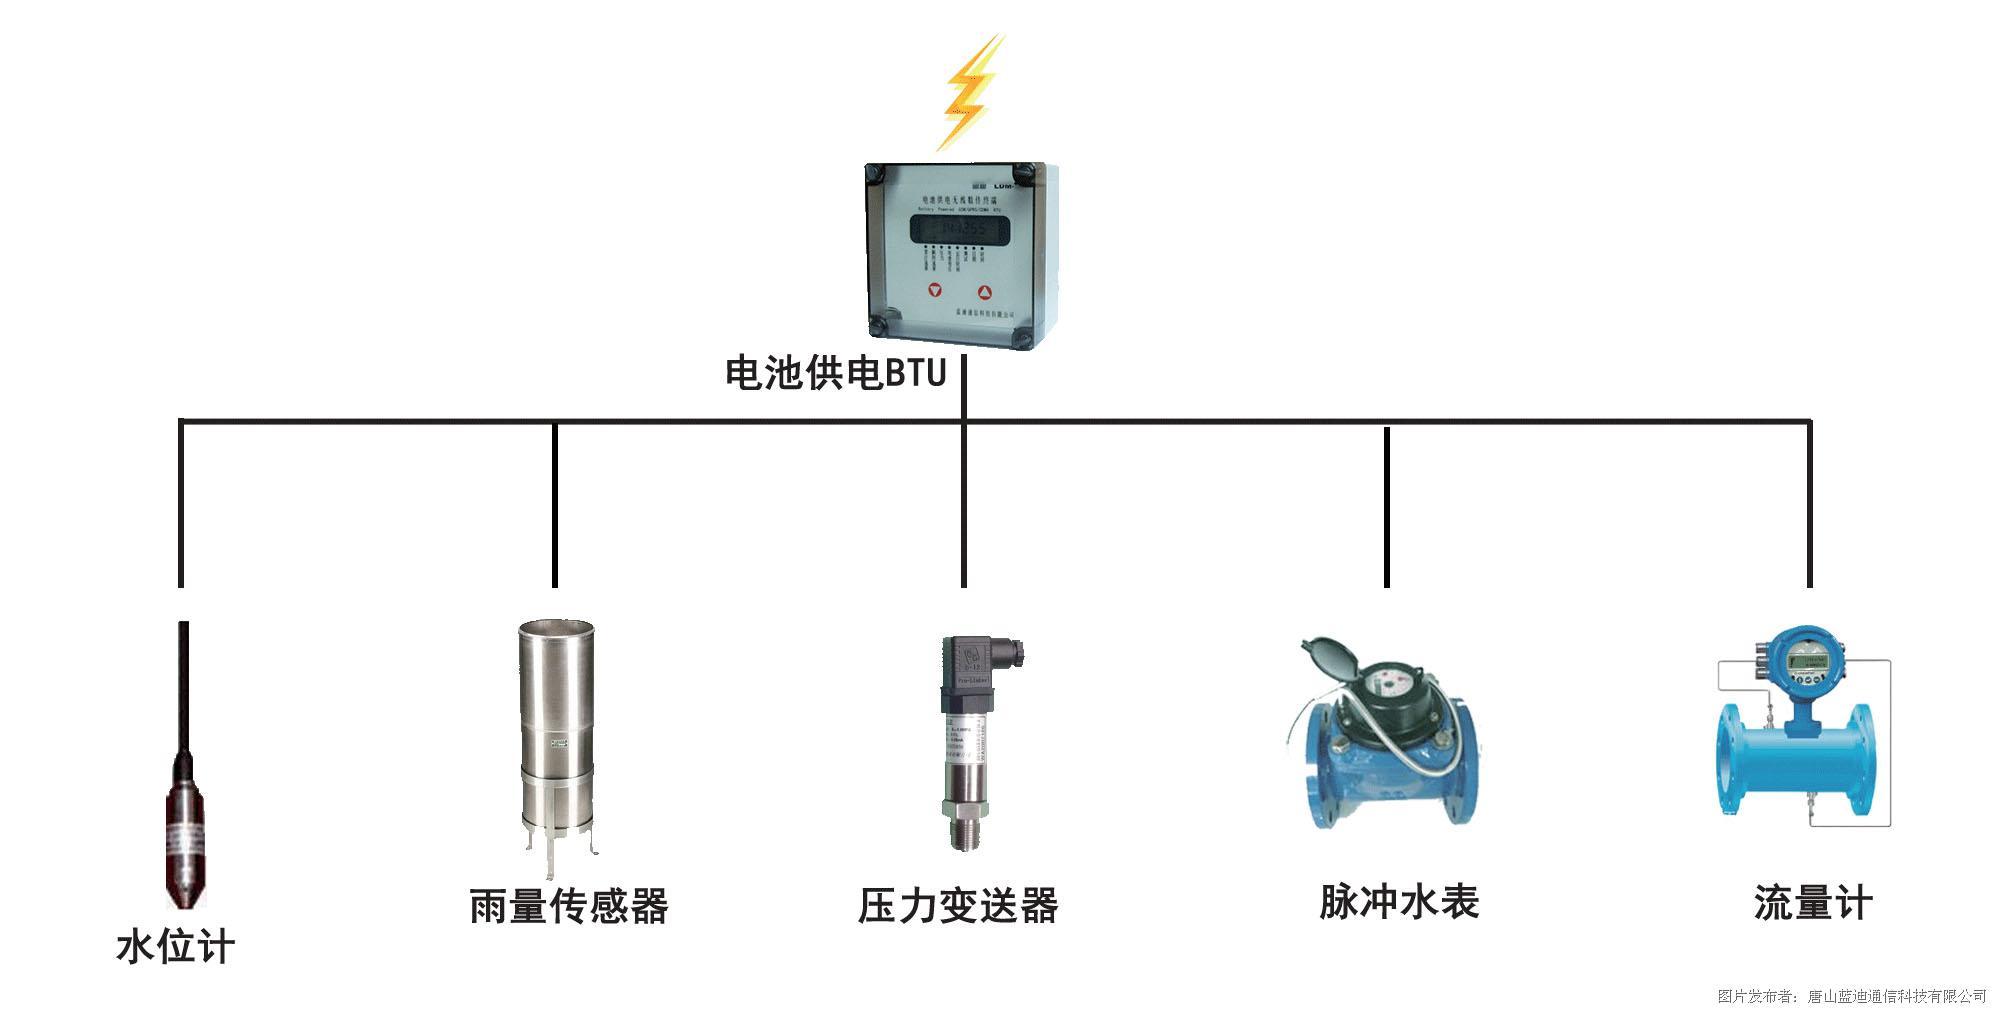 電池供電遙測終端(BTU)